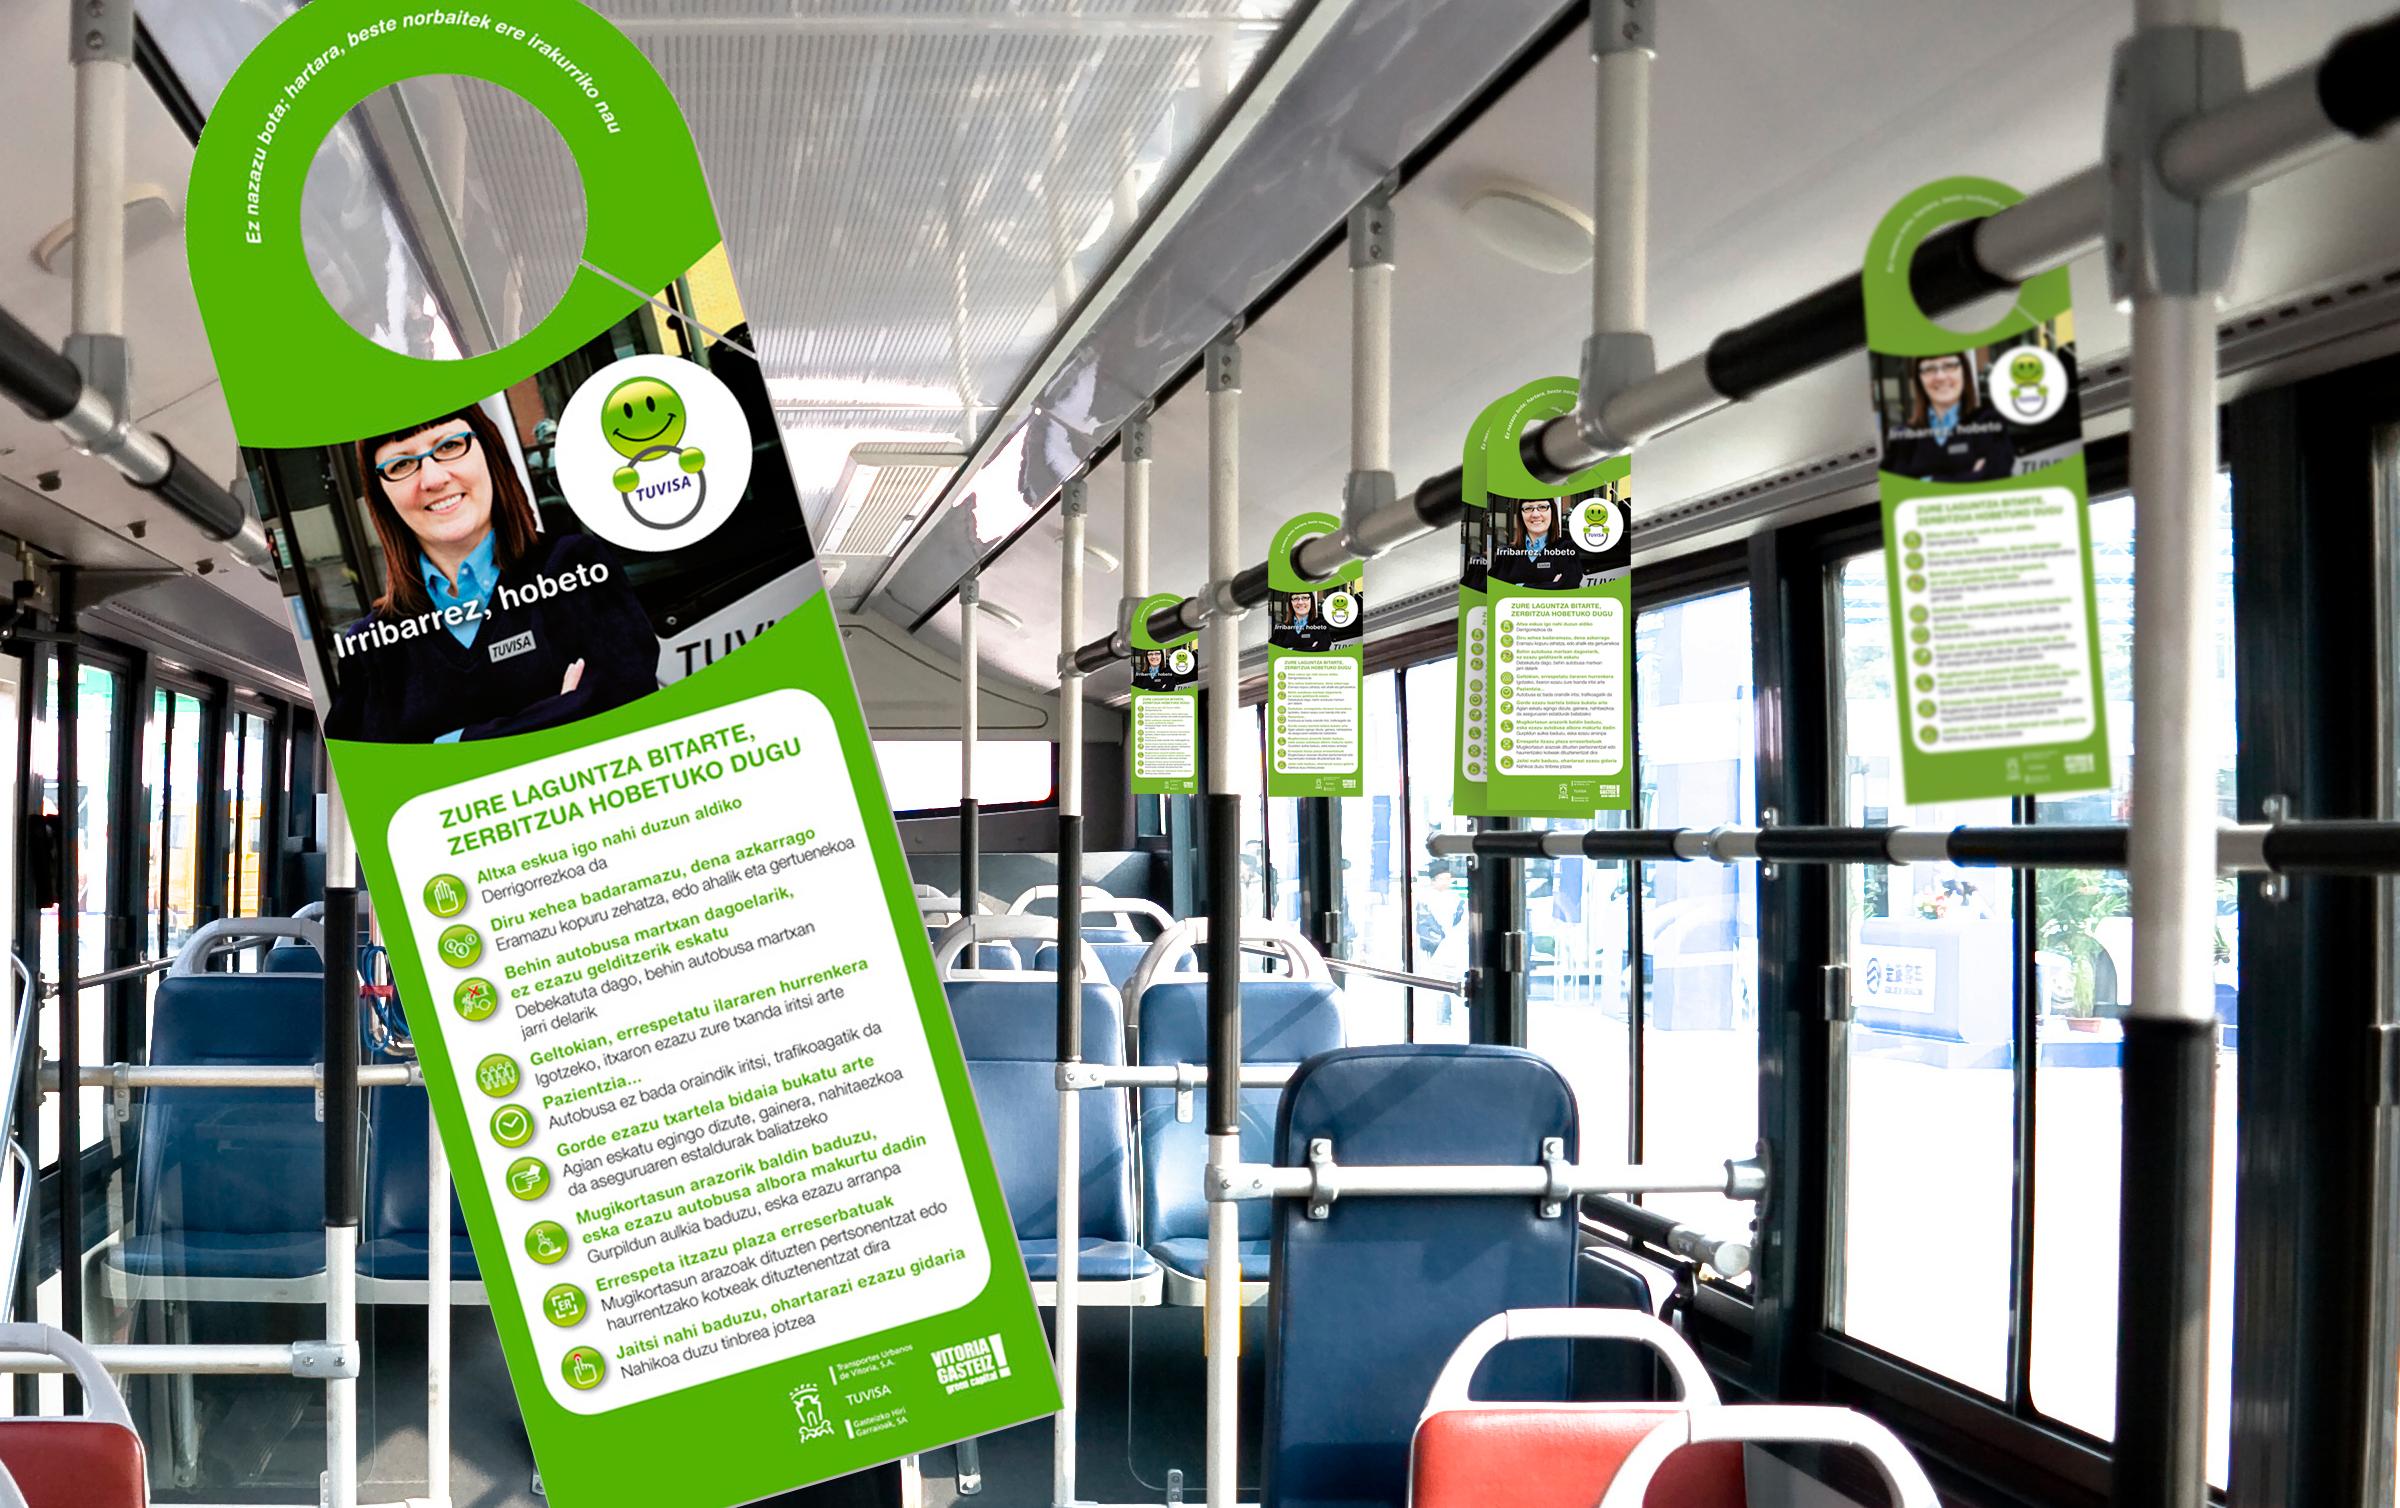 Autobus barruan zintzilikatzeko elementu publizitarioa